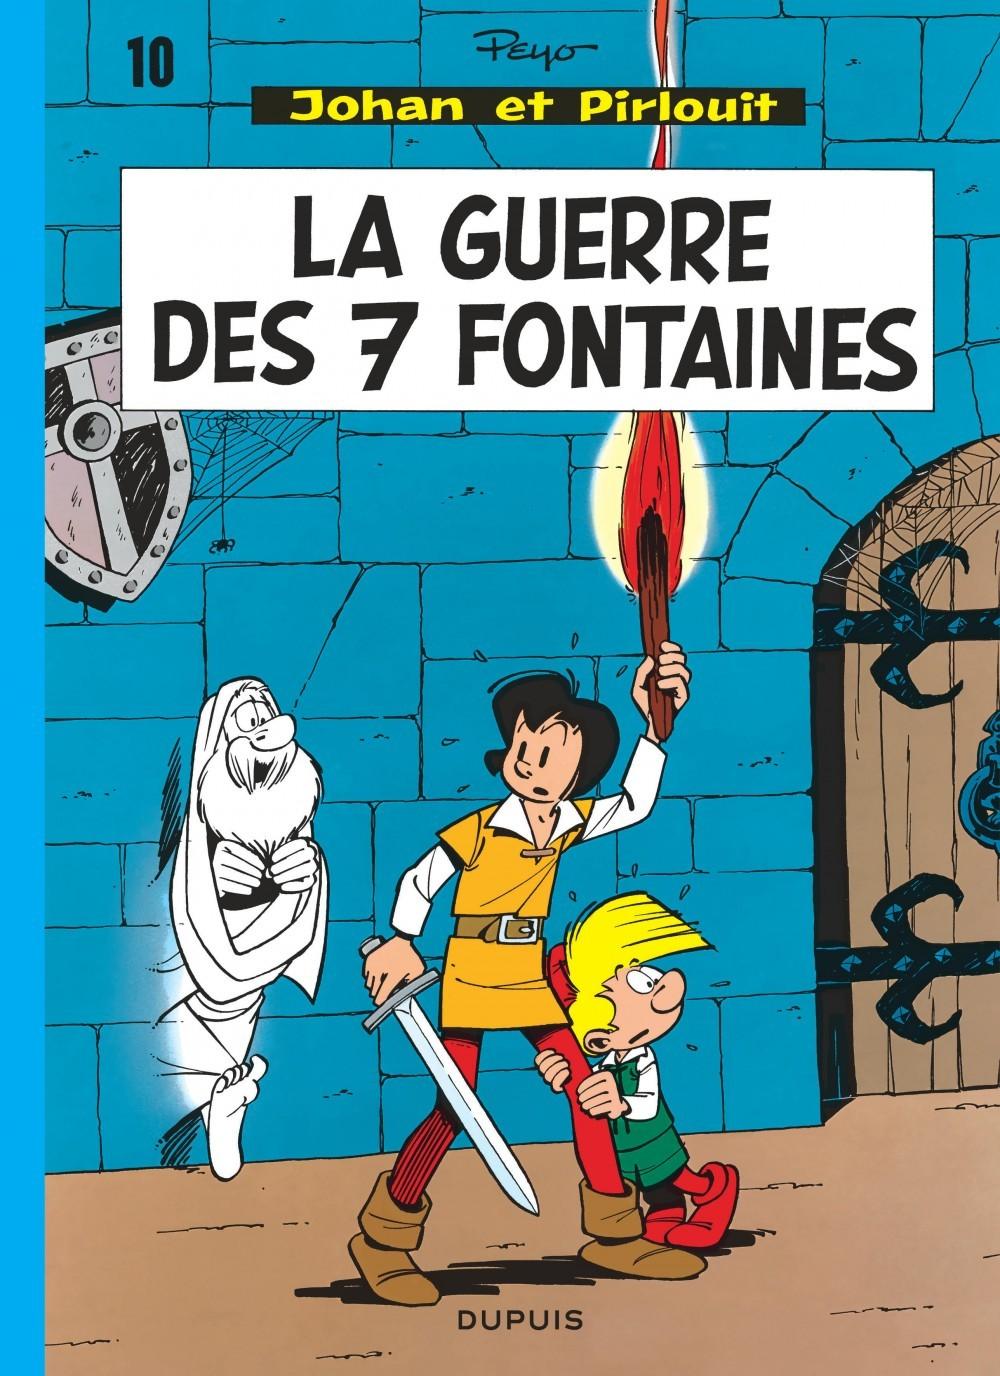 JOHAN ET PIRLOUIT (DUPUIS) - JOHAN ET PIRLOUIT - TOME 10 - LA GUERRE DES 7 FONTAINES